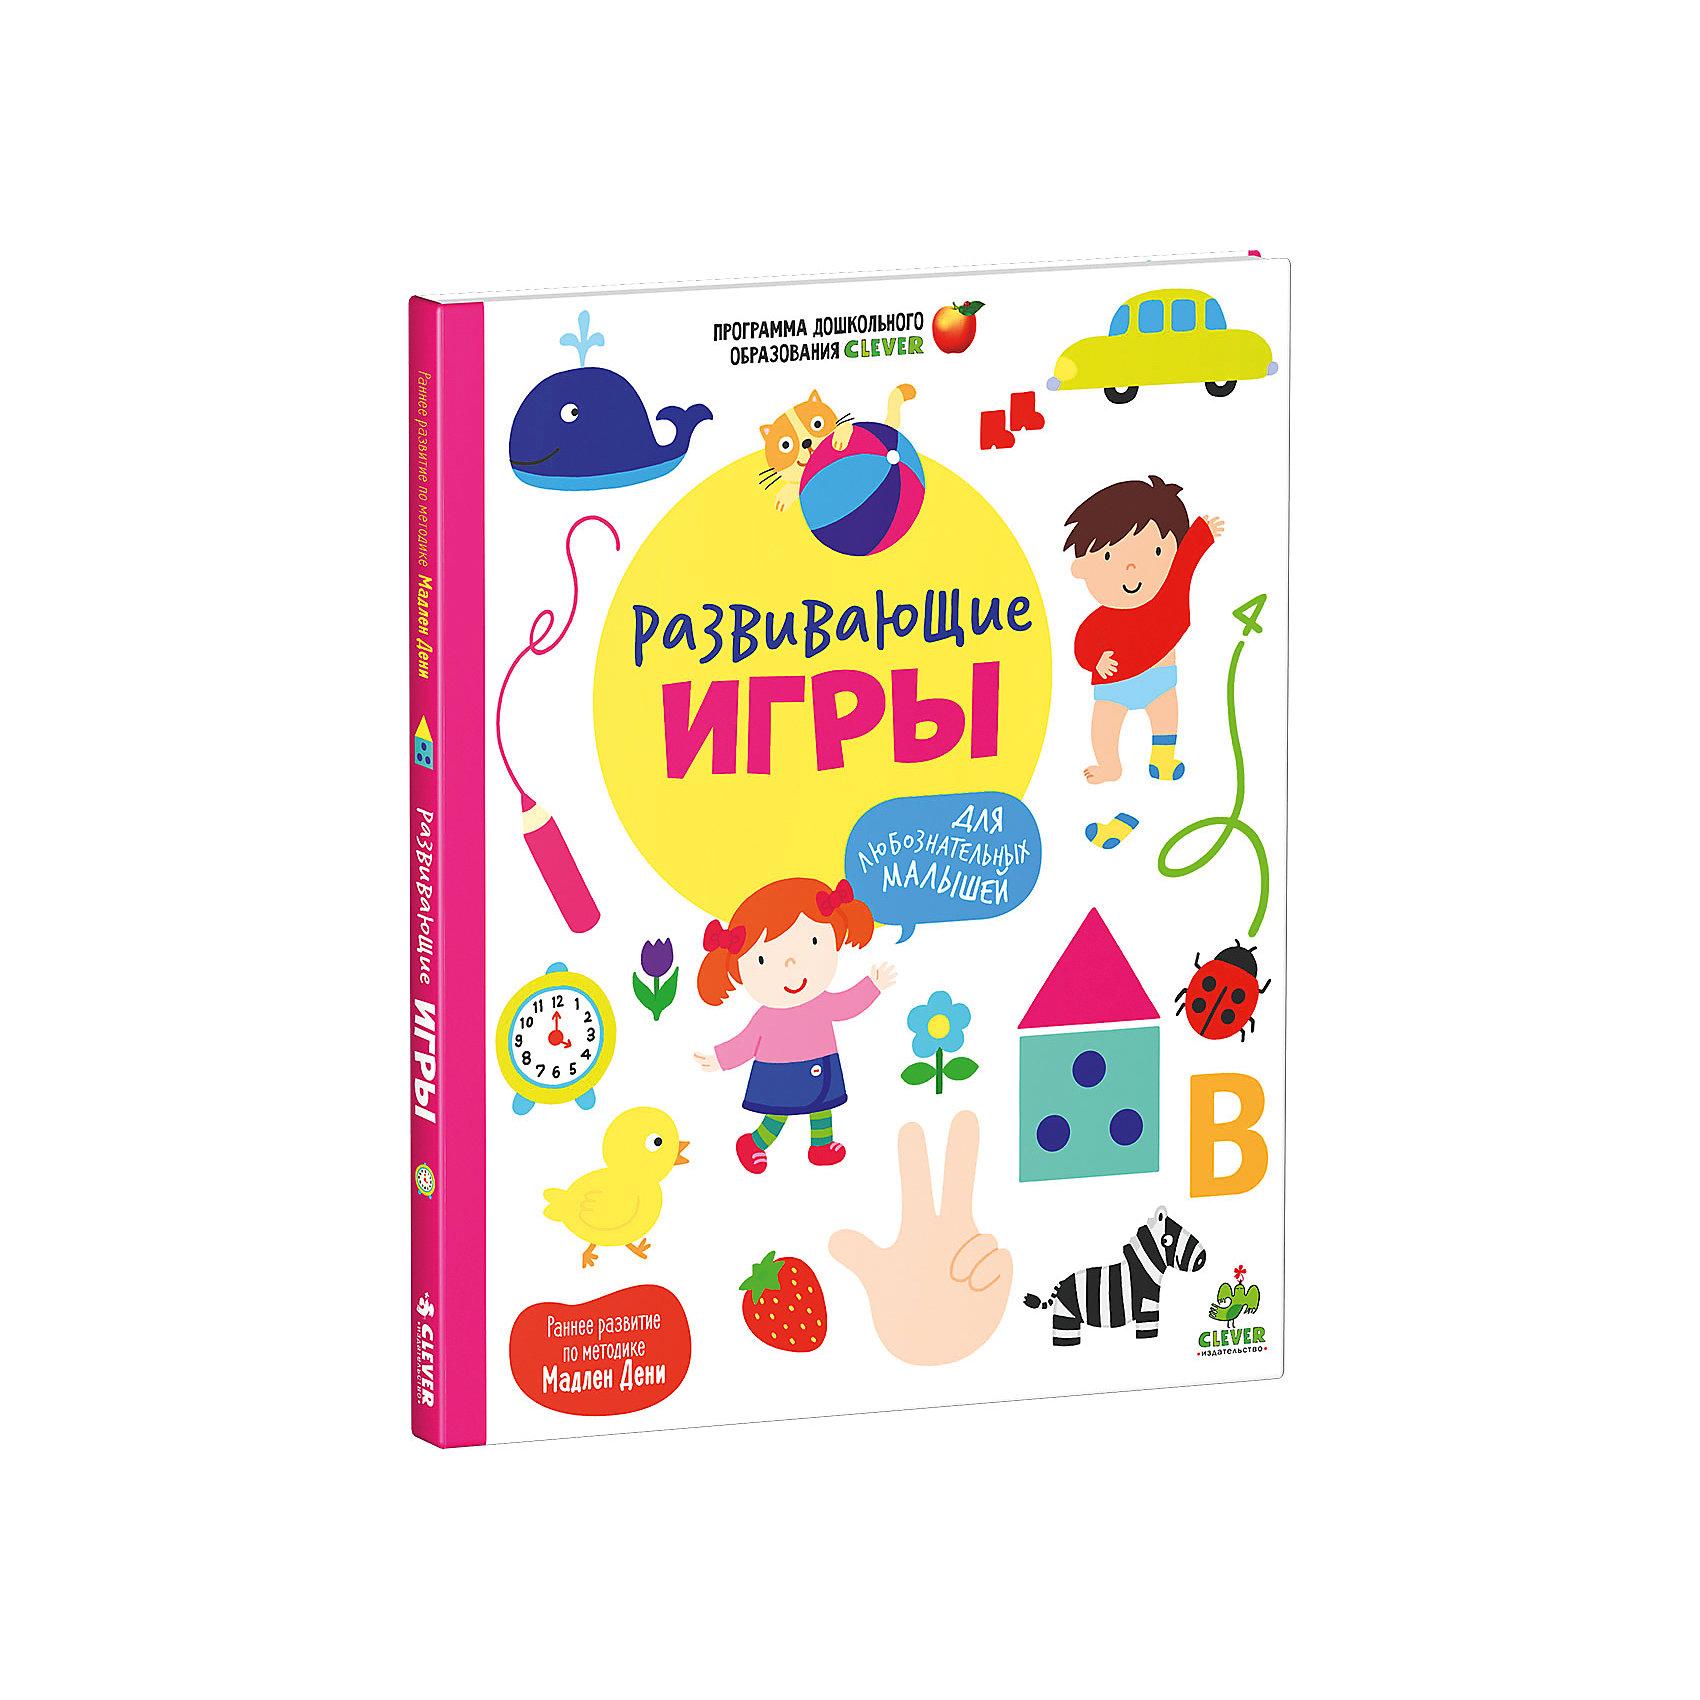 Clever Развивающие игры для любознательных малышей развивающие игры